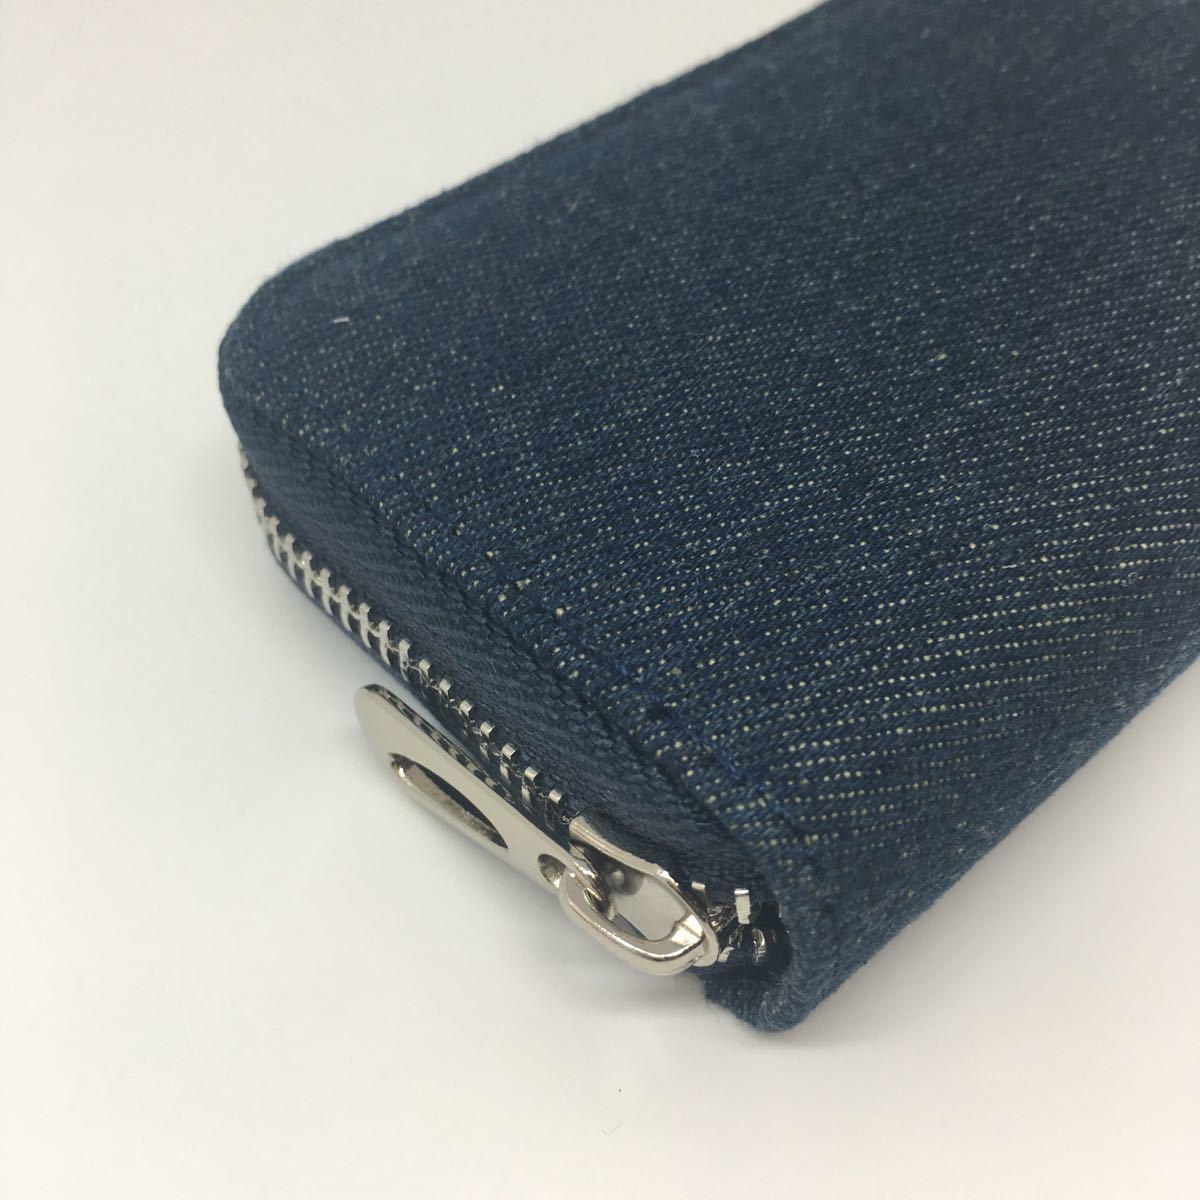 新品 カードケース 定期入れ レディース メンズ じゃばら 大容量 財布 デニム